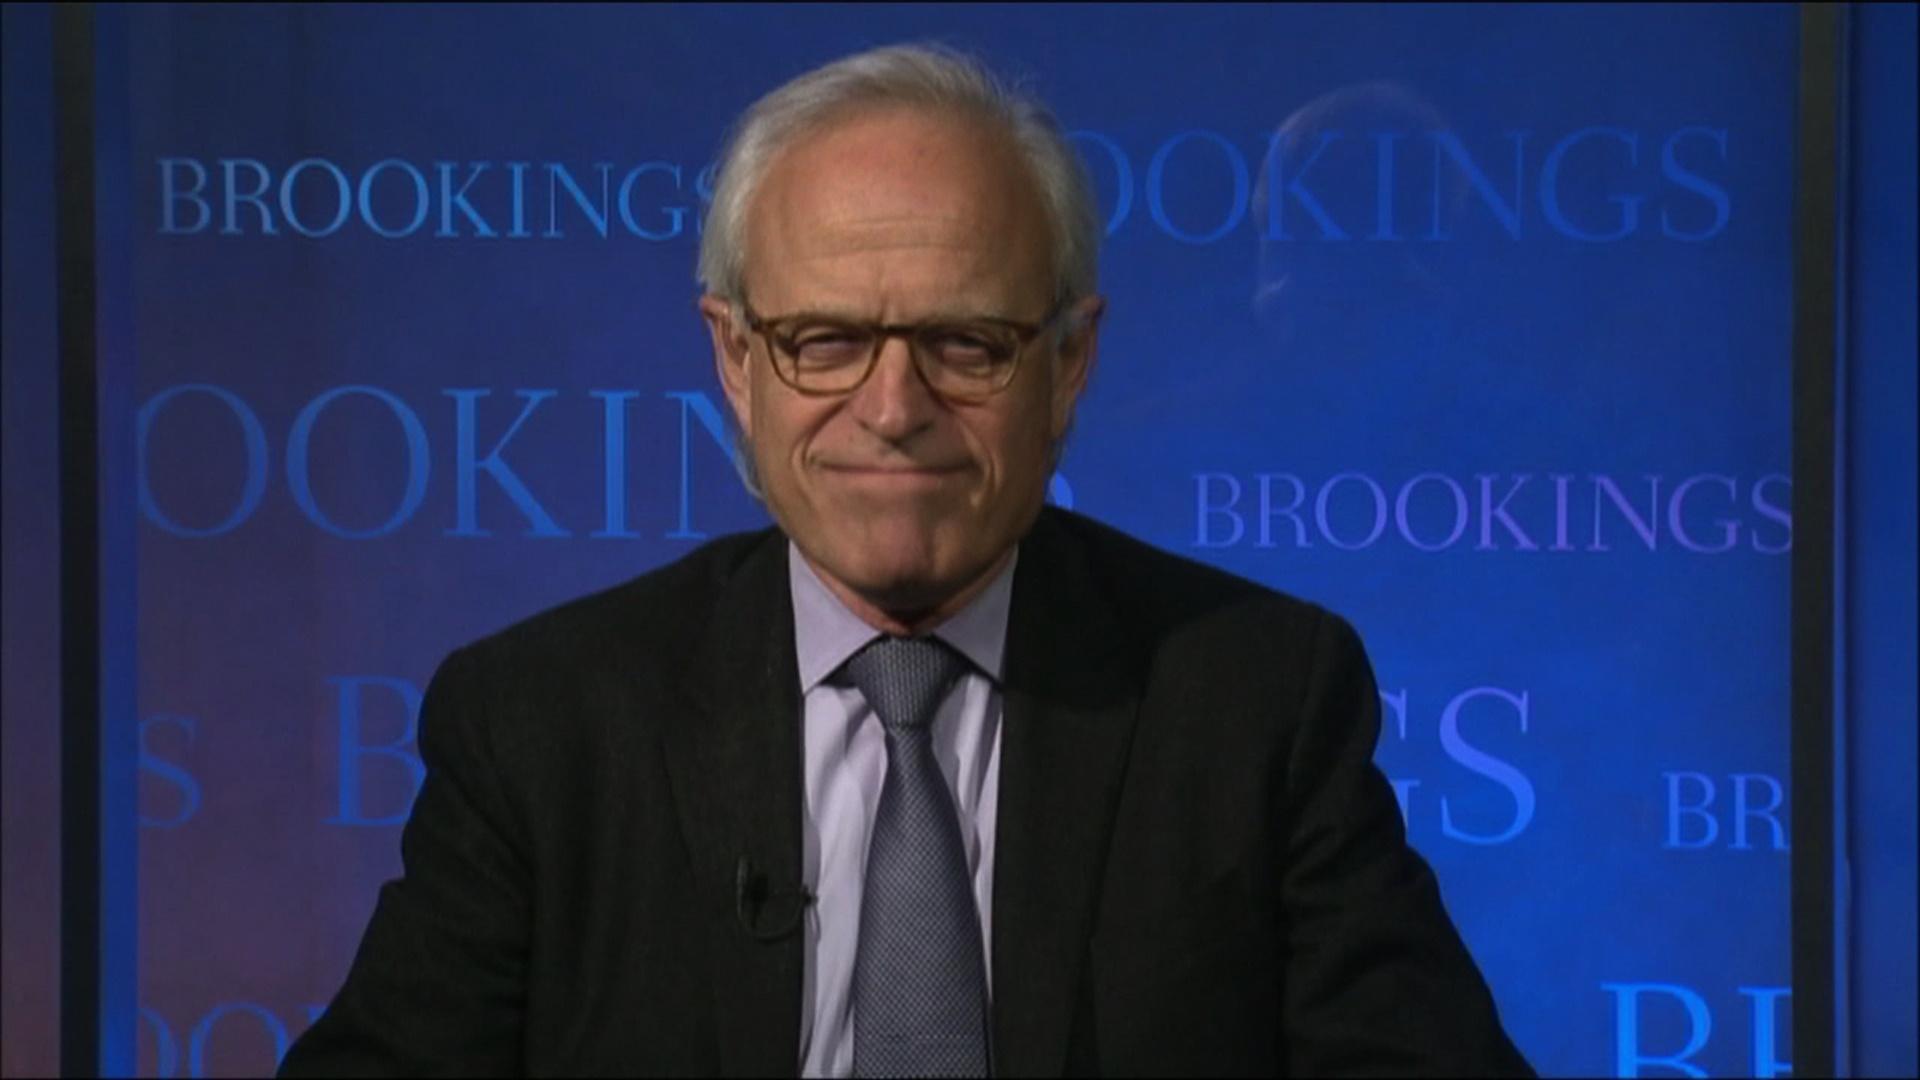 Former U.S. ambassador to Israel Martin Indyk image